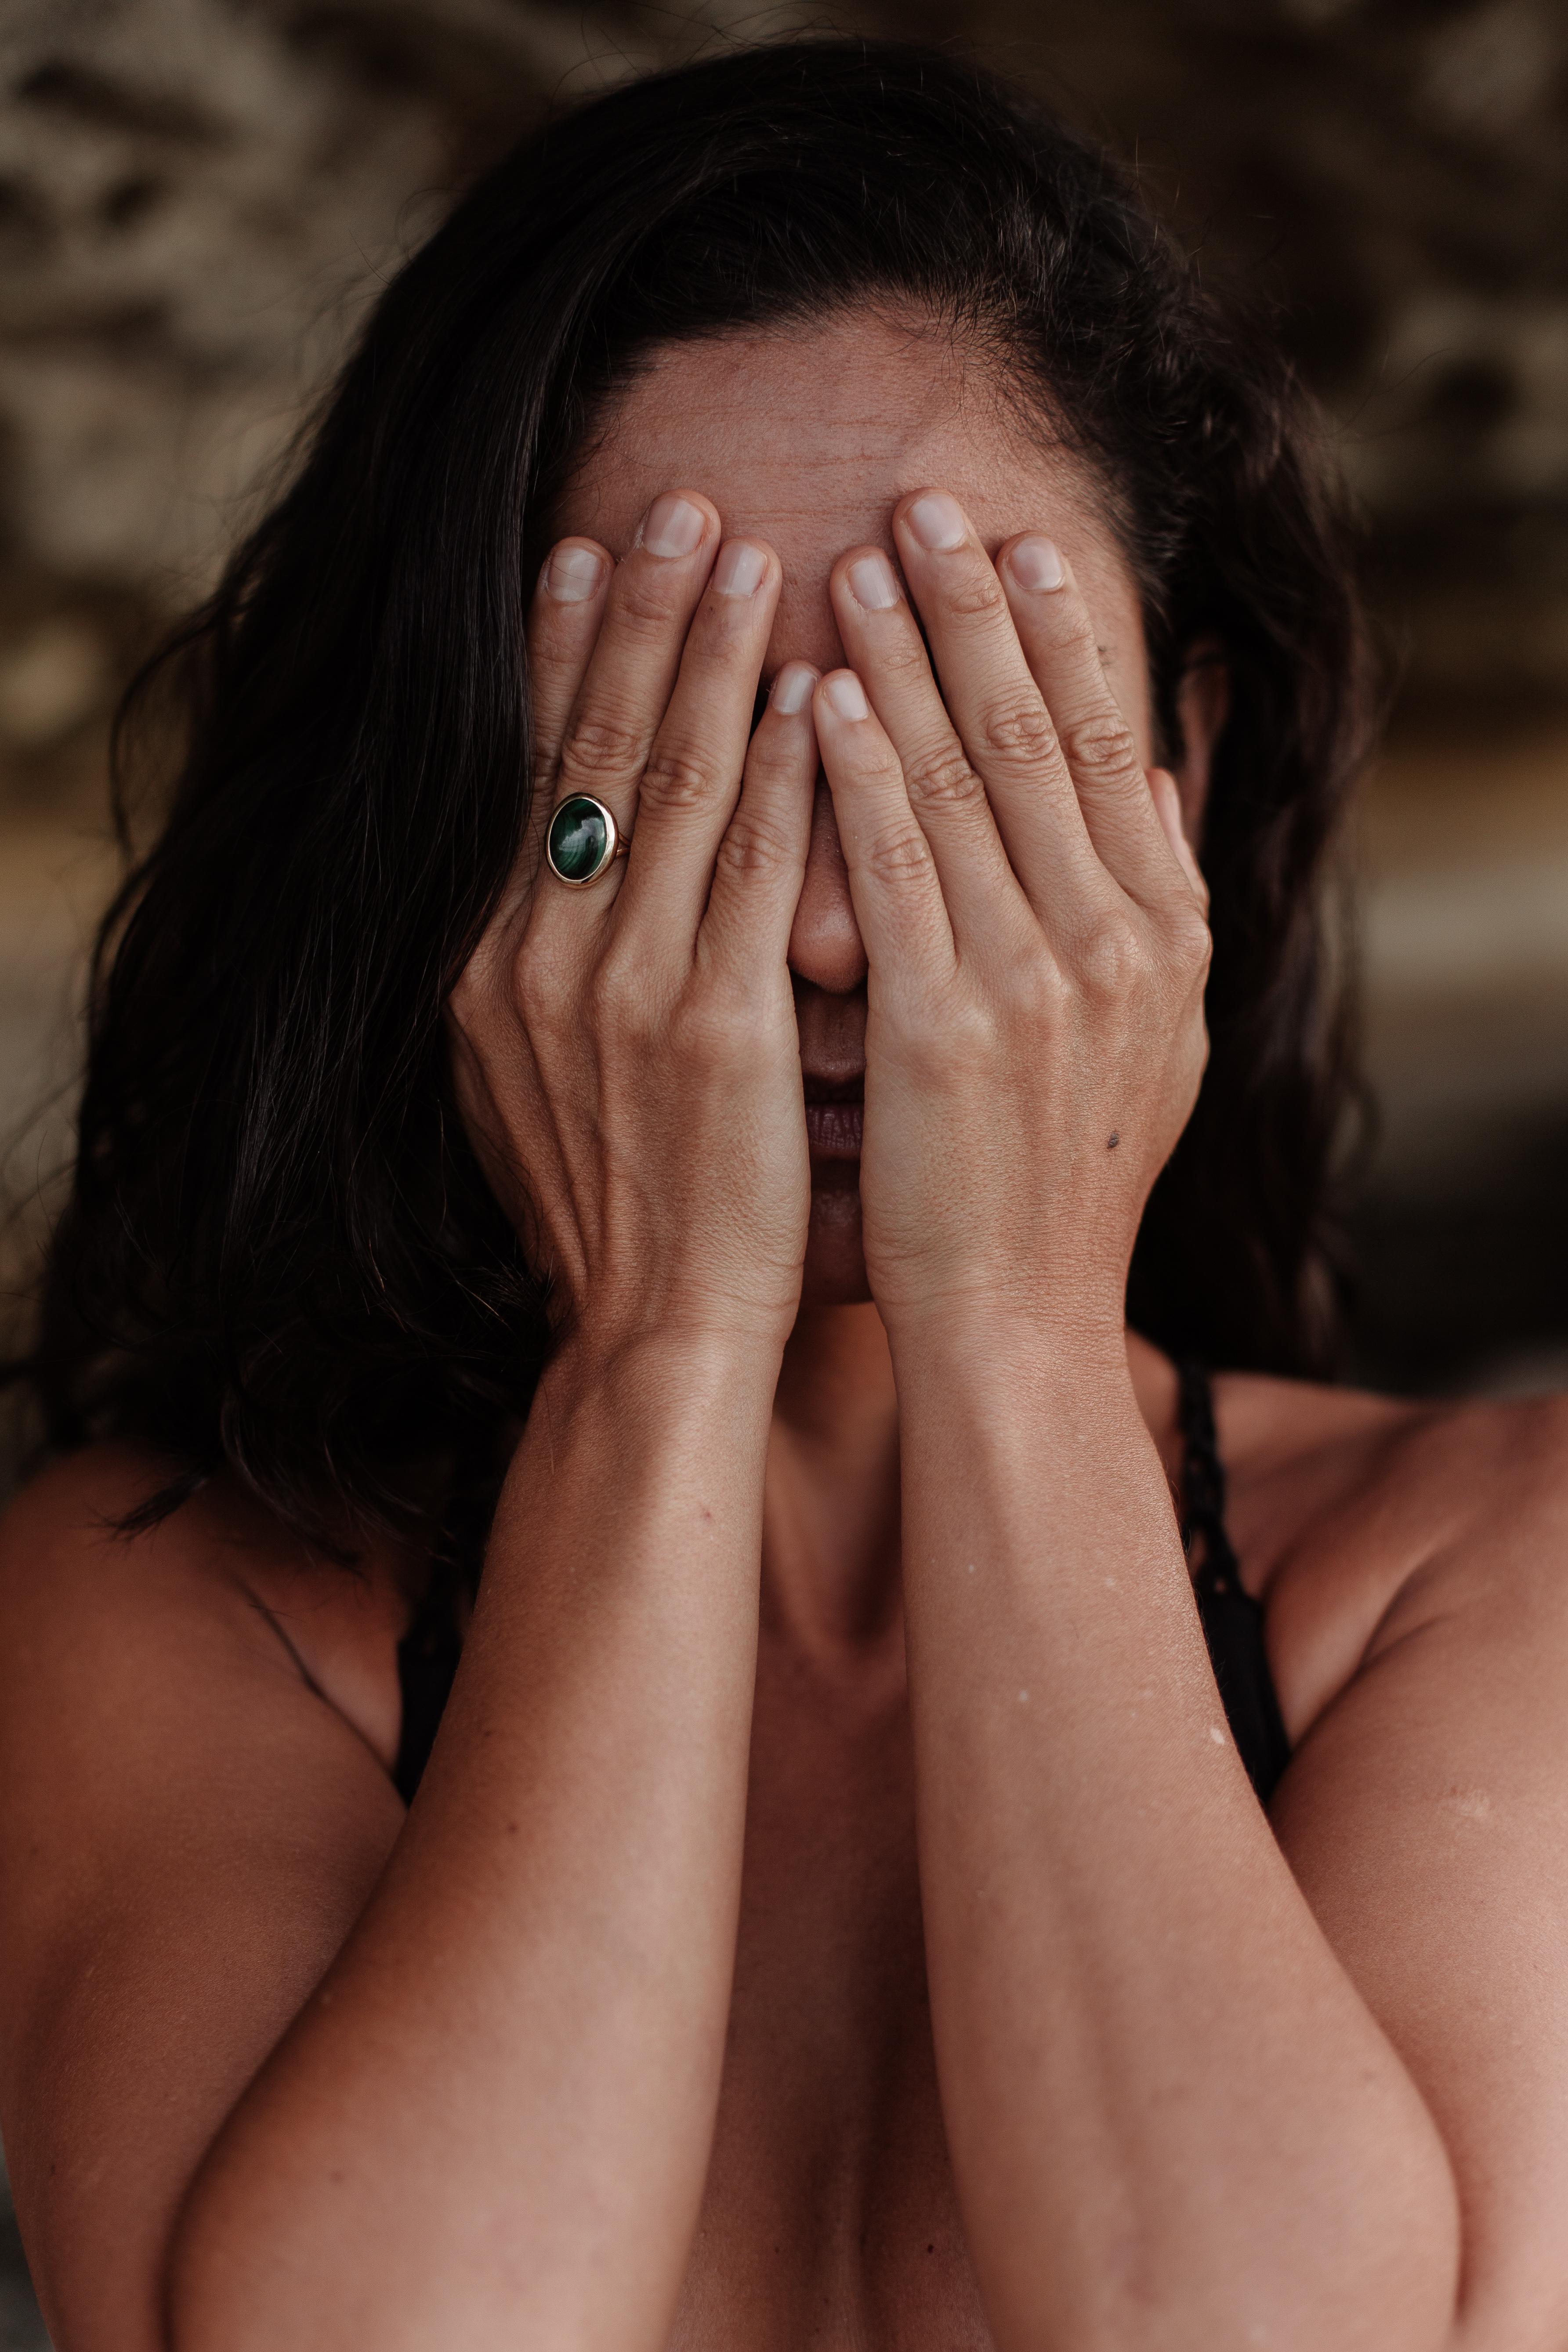 למה לאנשים יש מחשבות שליליות ואיך להתמודד איתן?